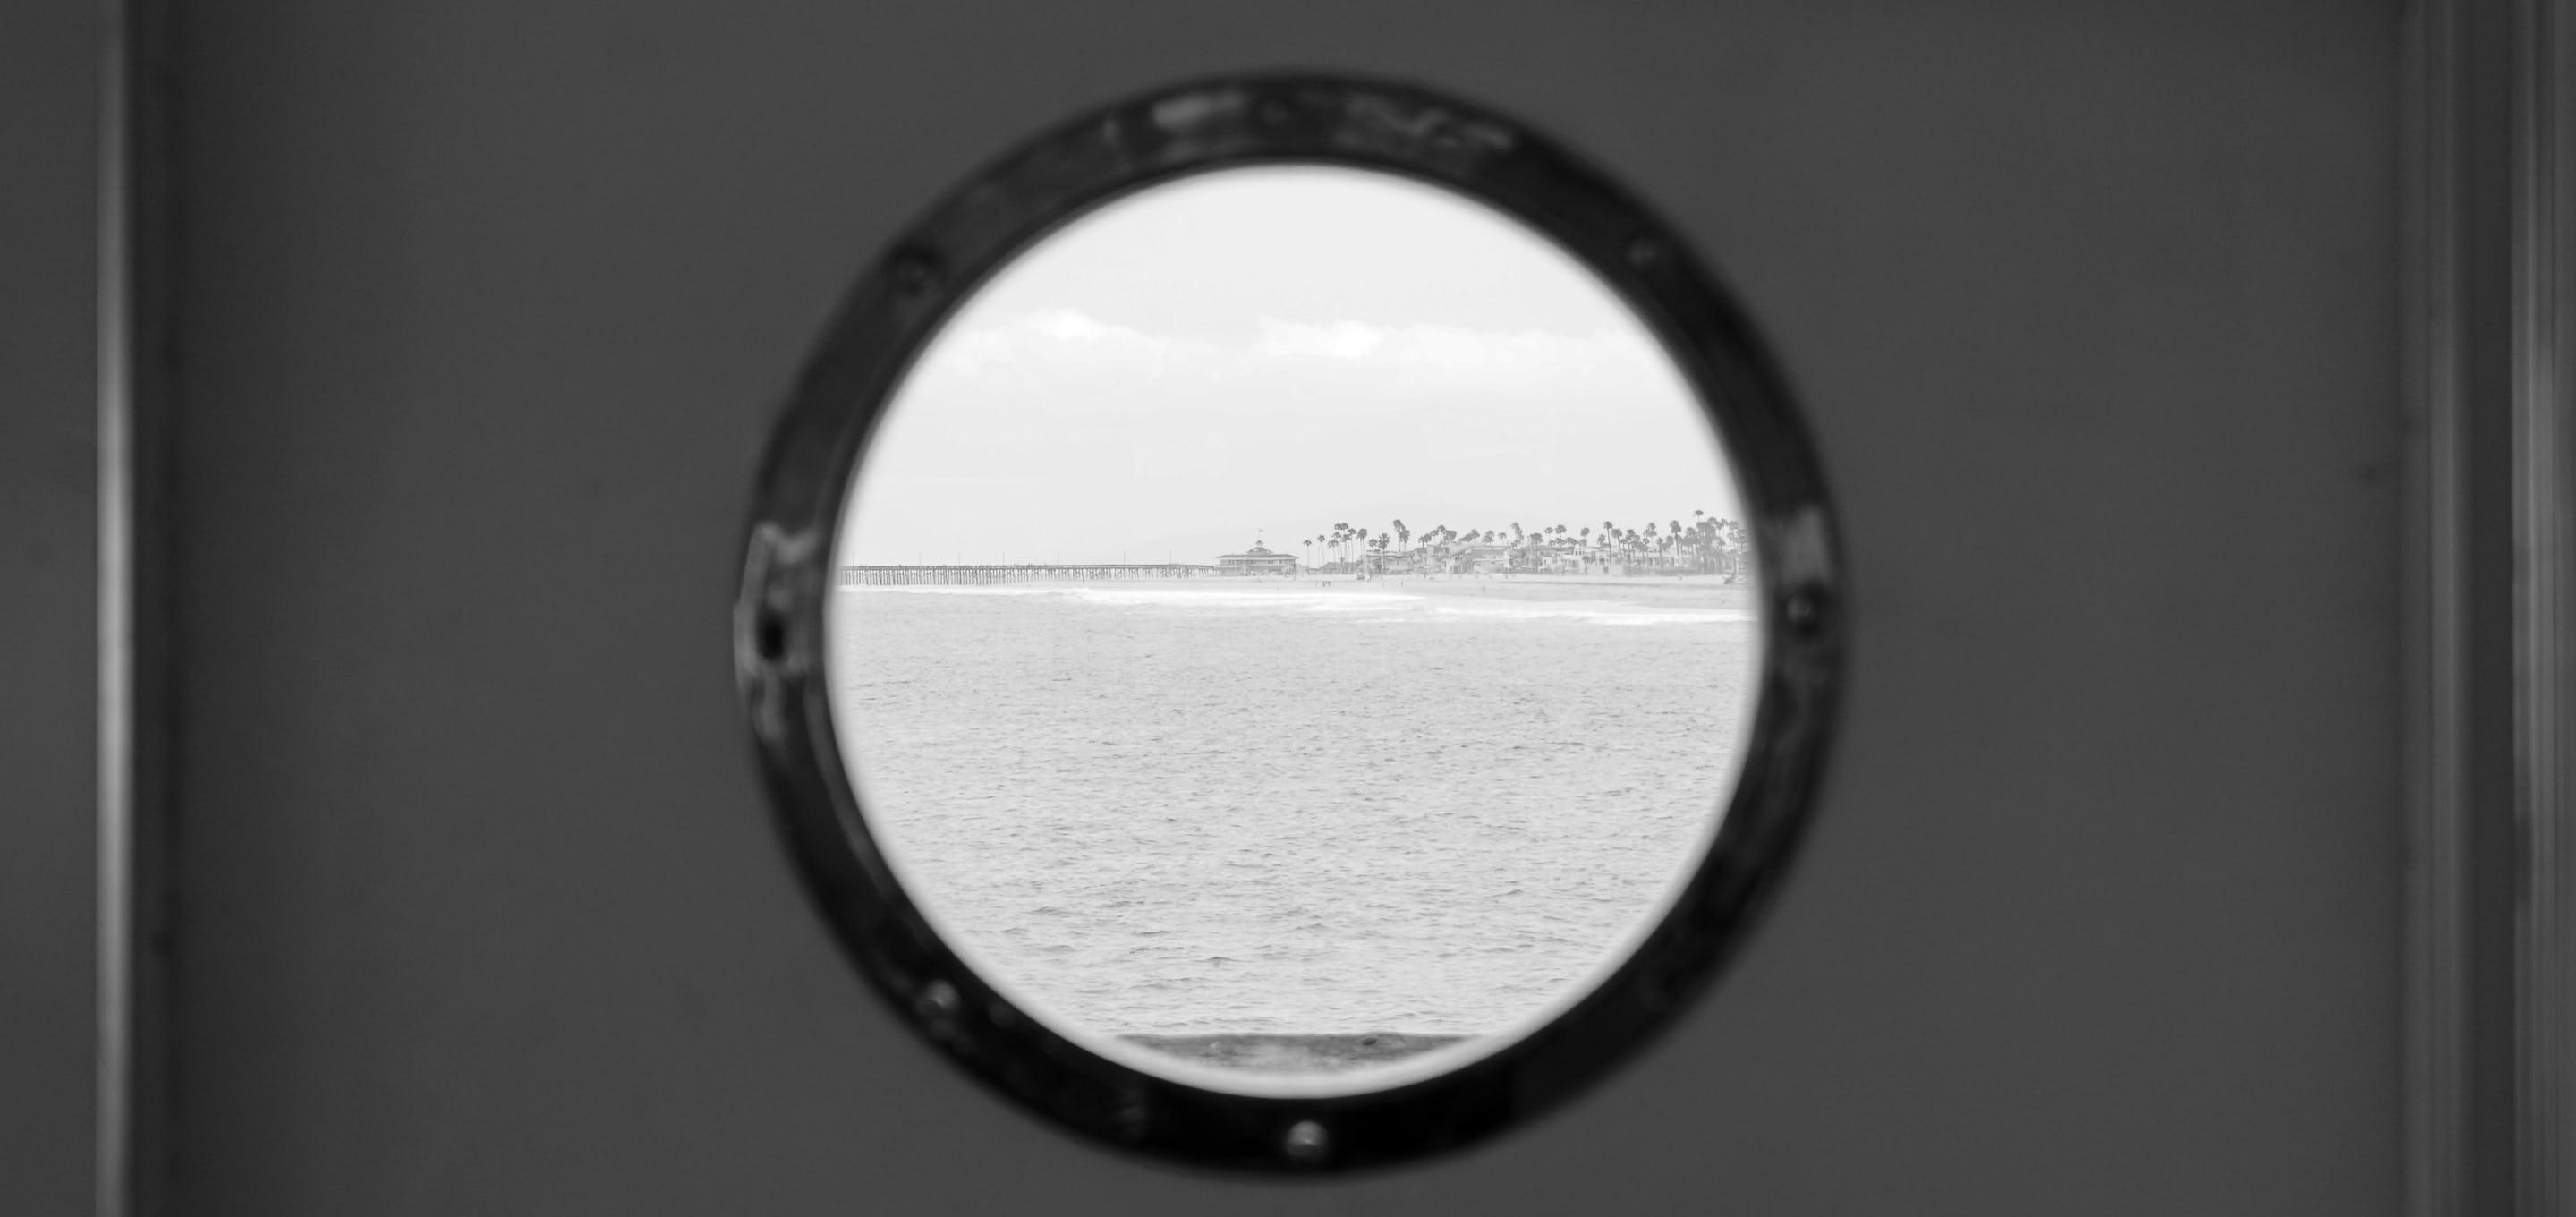 Porthole of a beach